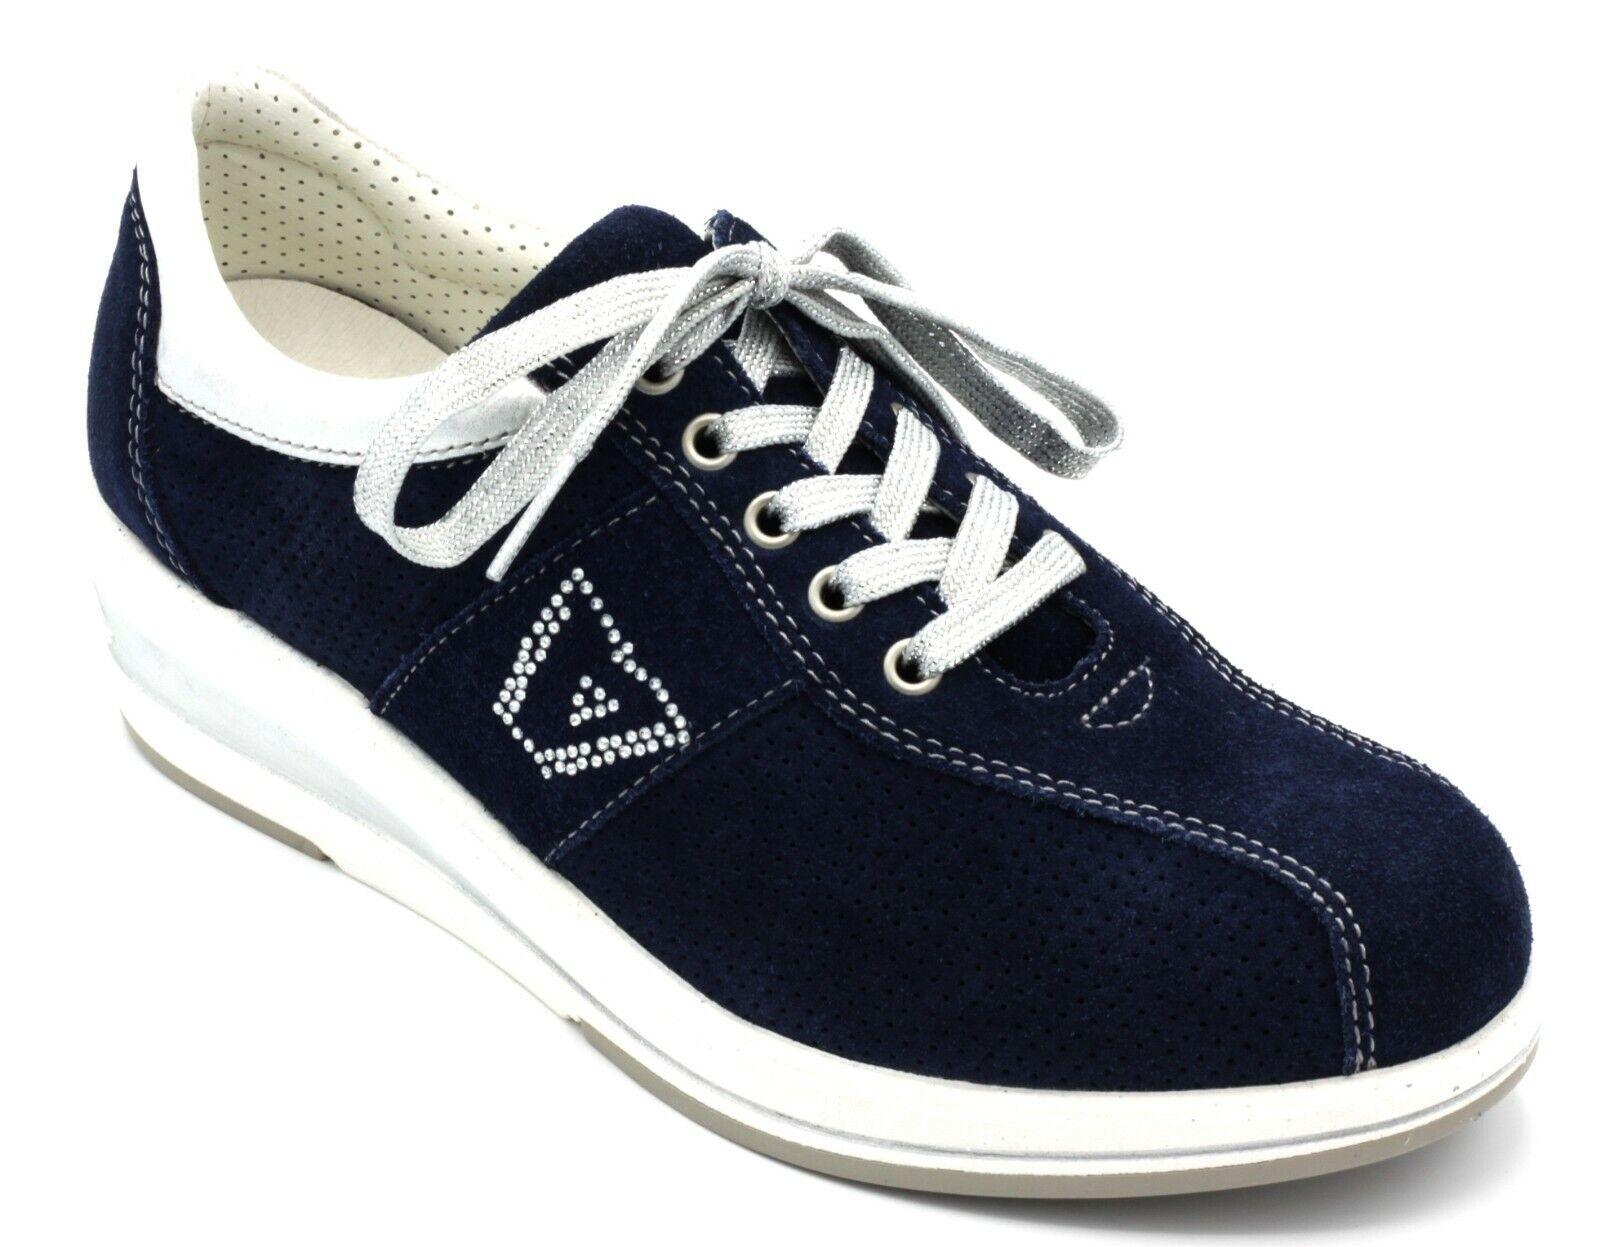 f8bd7eaf VALLEverde zapatillas zapatos mujer CON ZEPPA azul ALLACCIATE n.35 COL.  TENNIS npibmv2824-Zapatillas deportivas